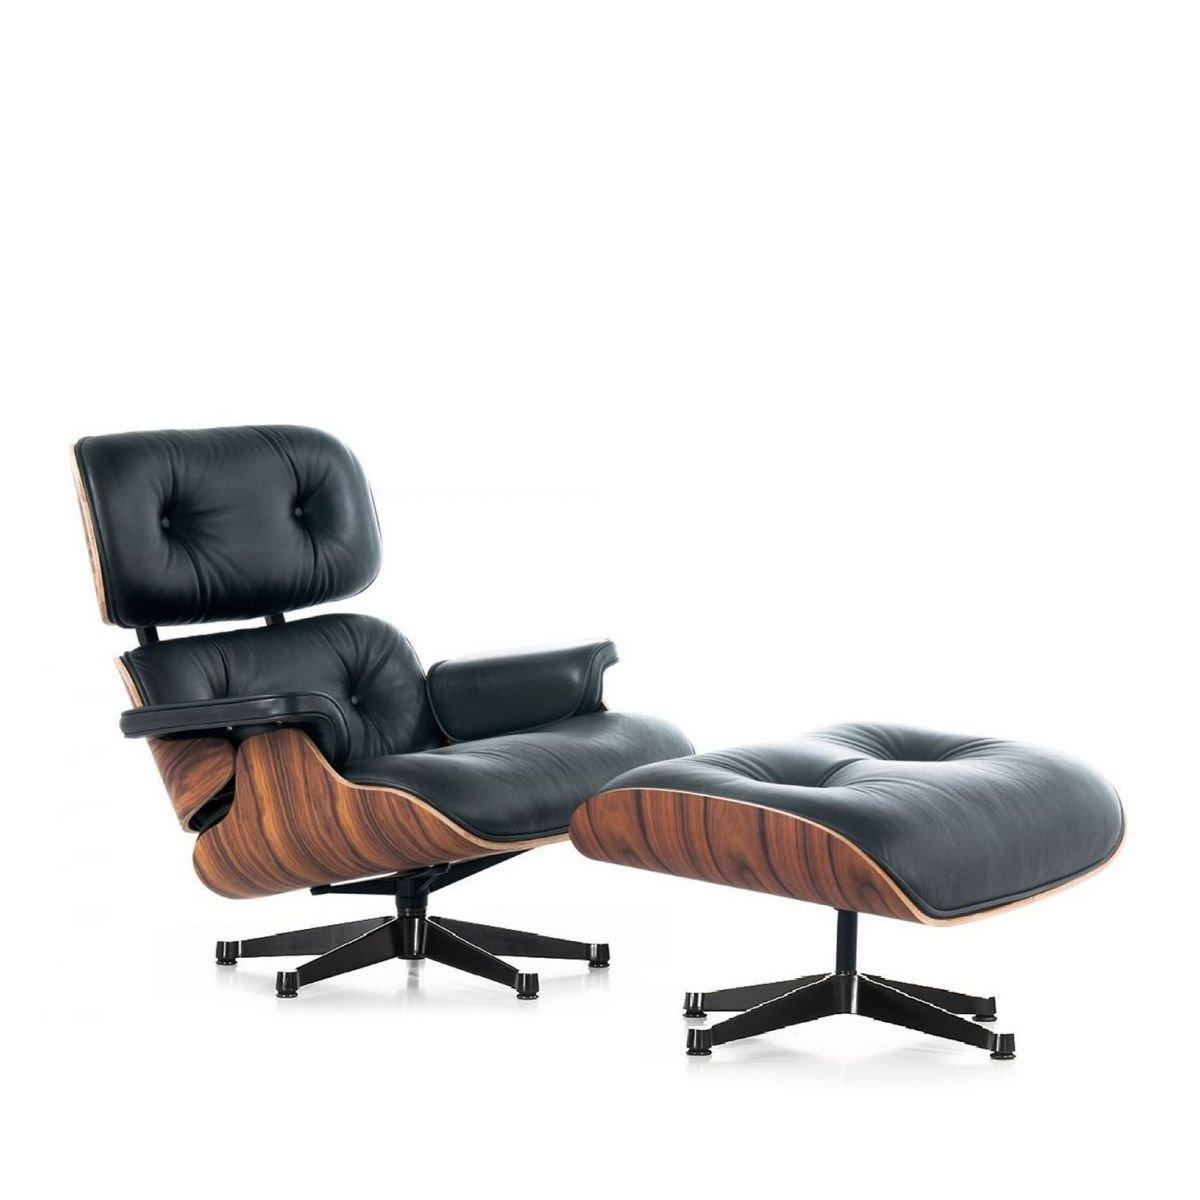 Sillón inspirado en Charles Ray Eames